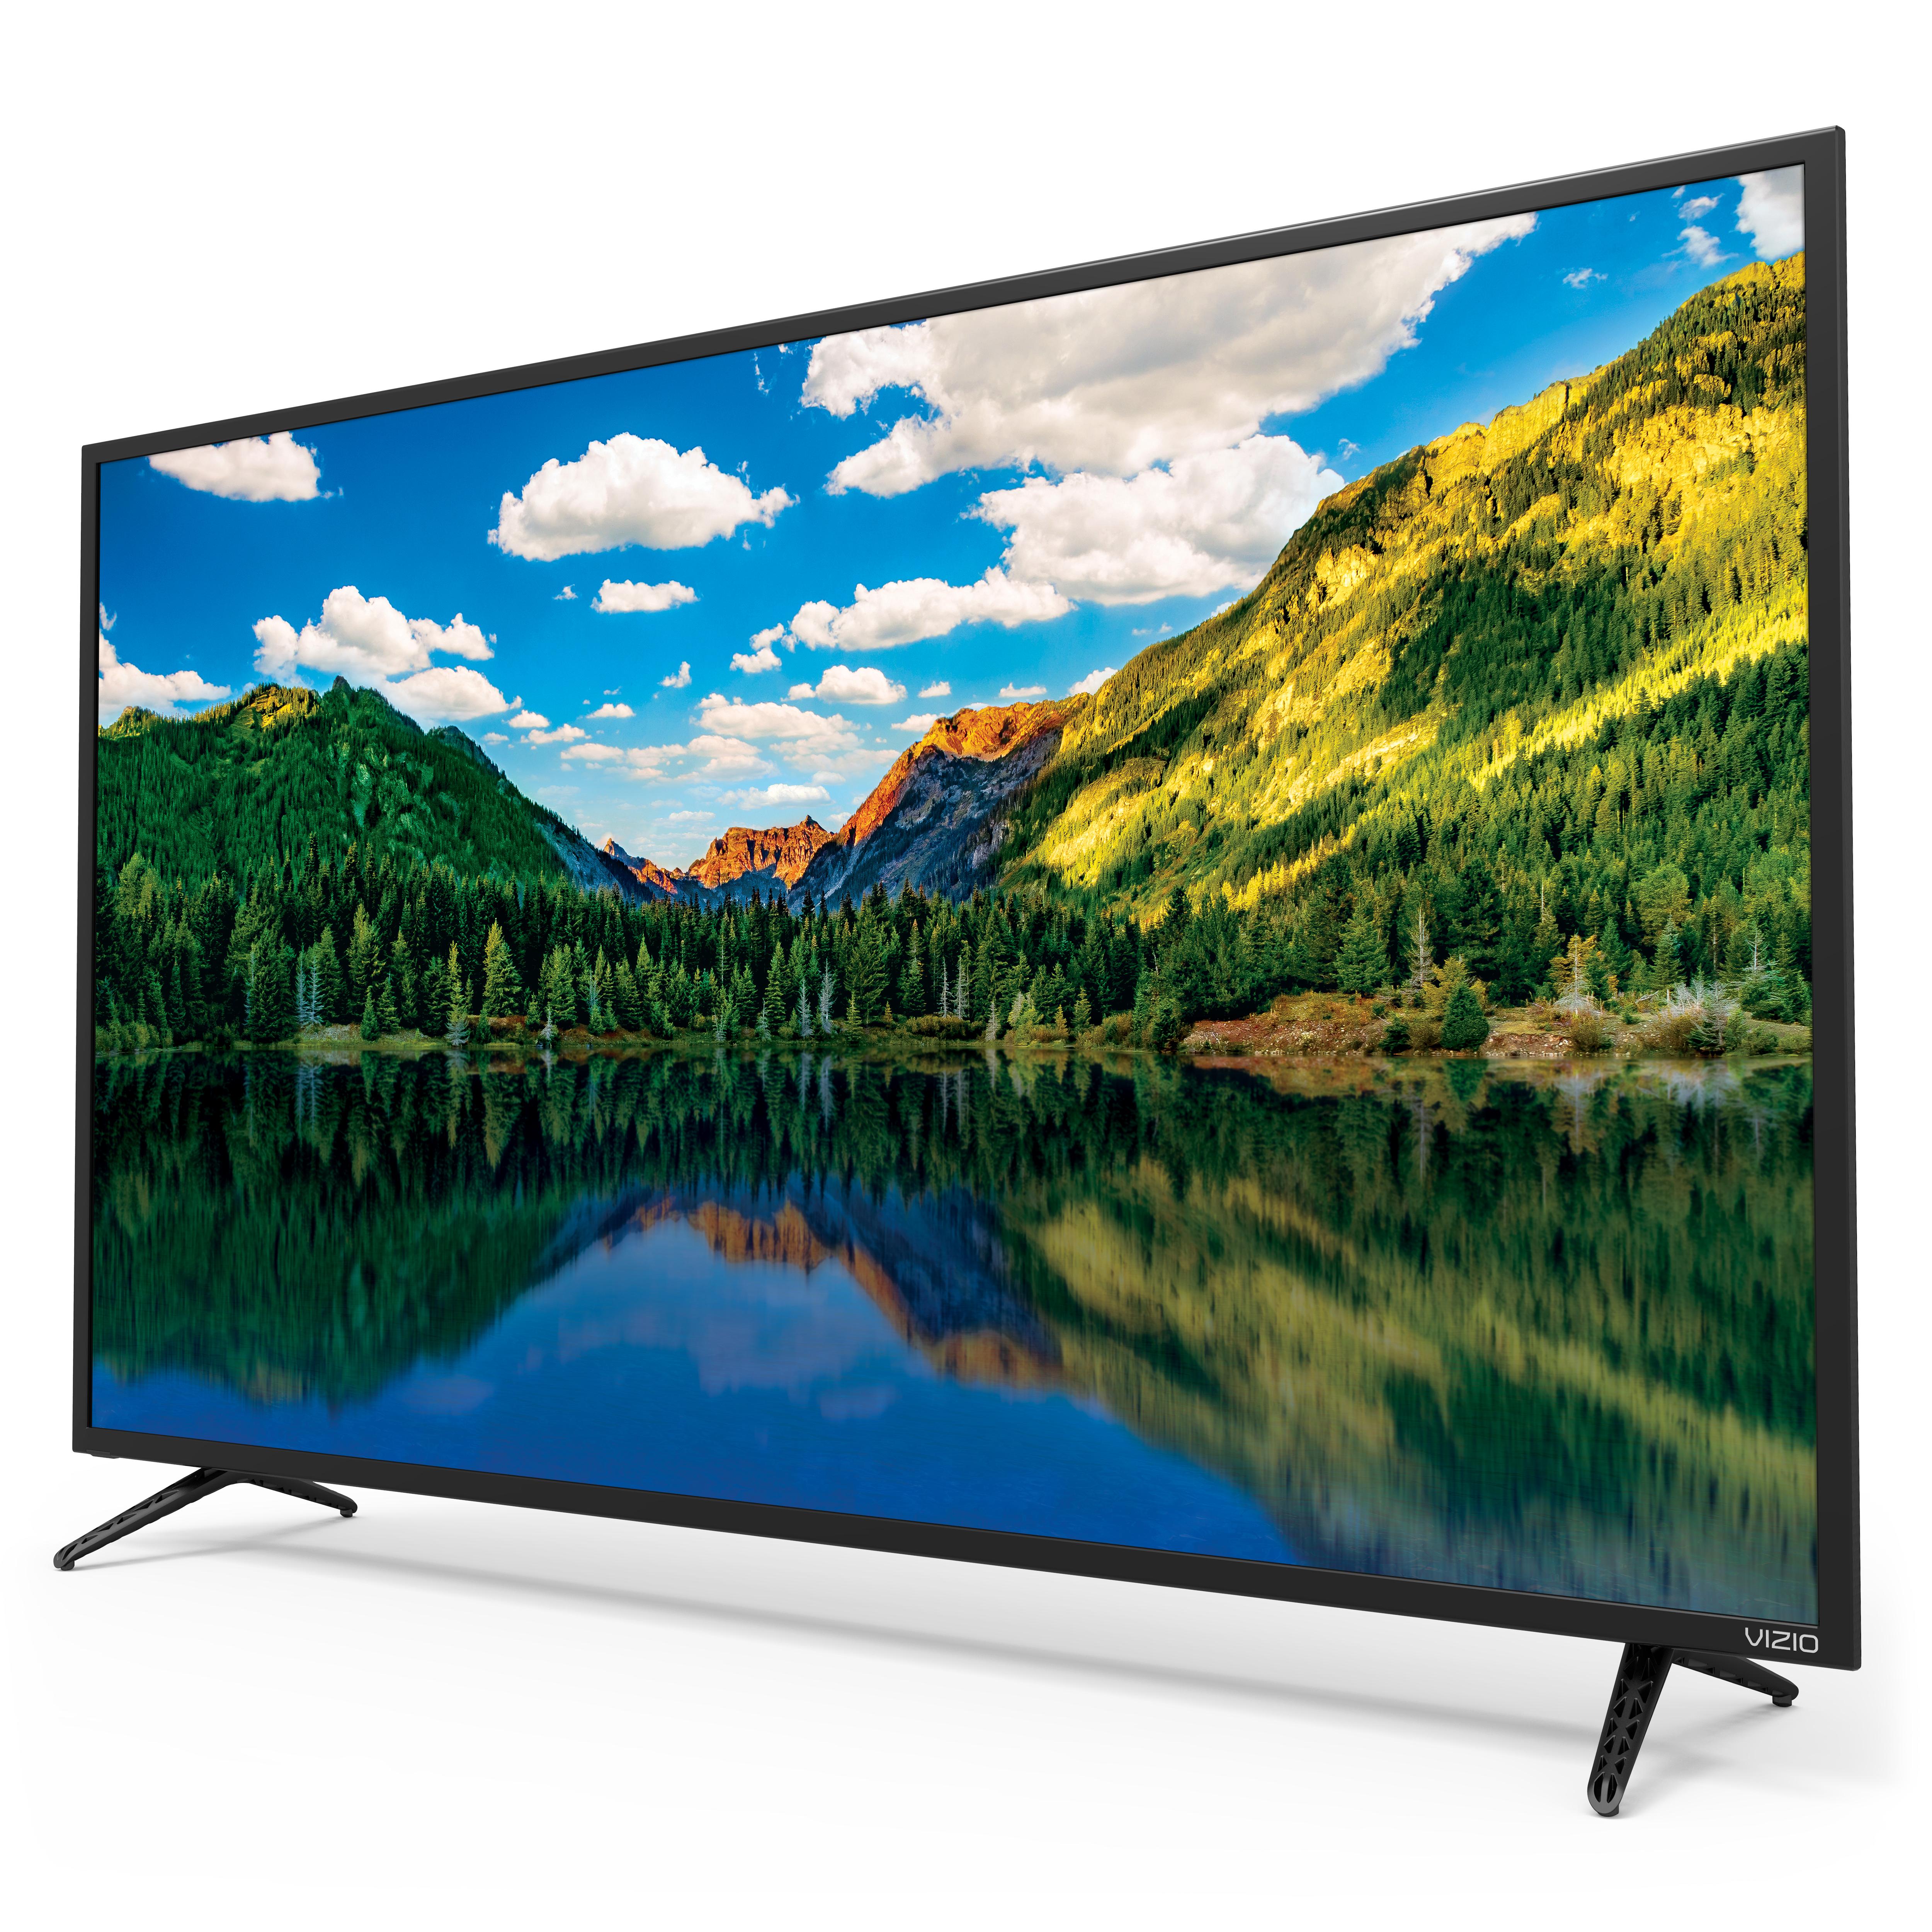 VIZIO-55-034-Class-4K-2160P-LED-TV-D55UN-E1